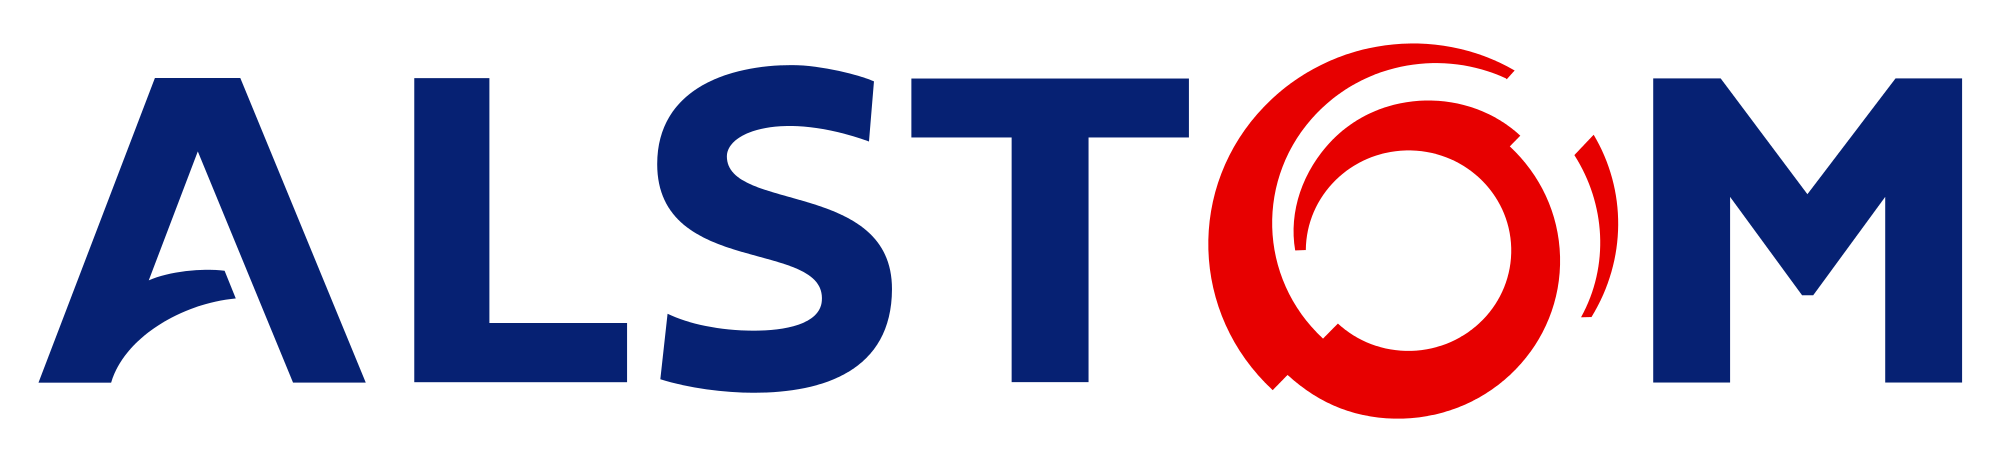 Alstom - Copia